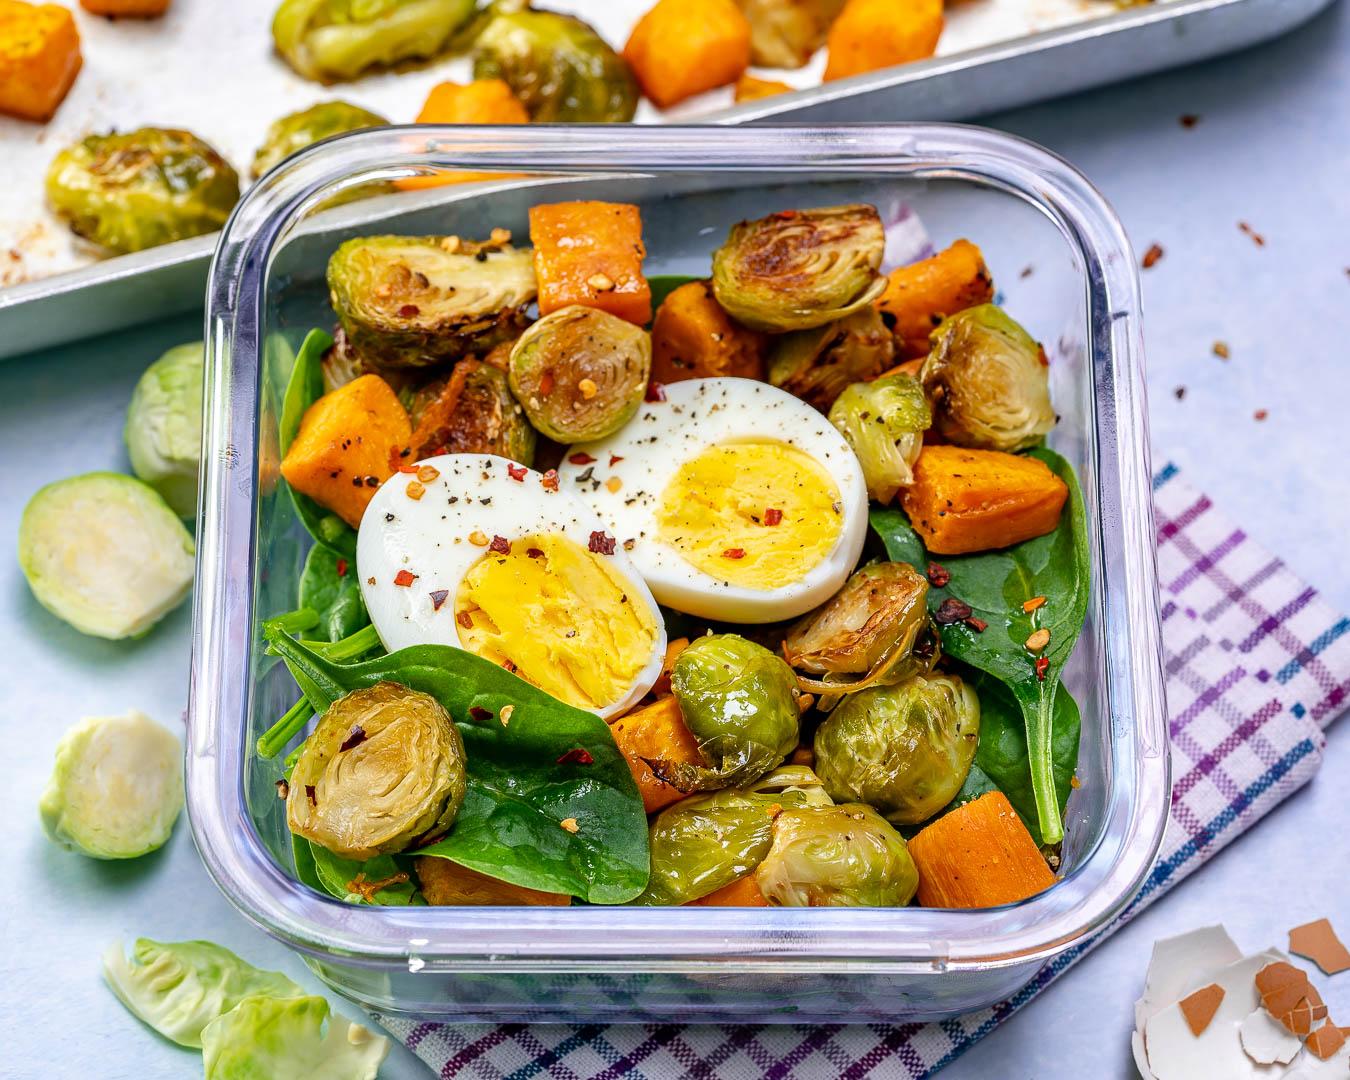 Egg + Roasted Veggie Breakfast Boxes